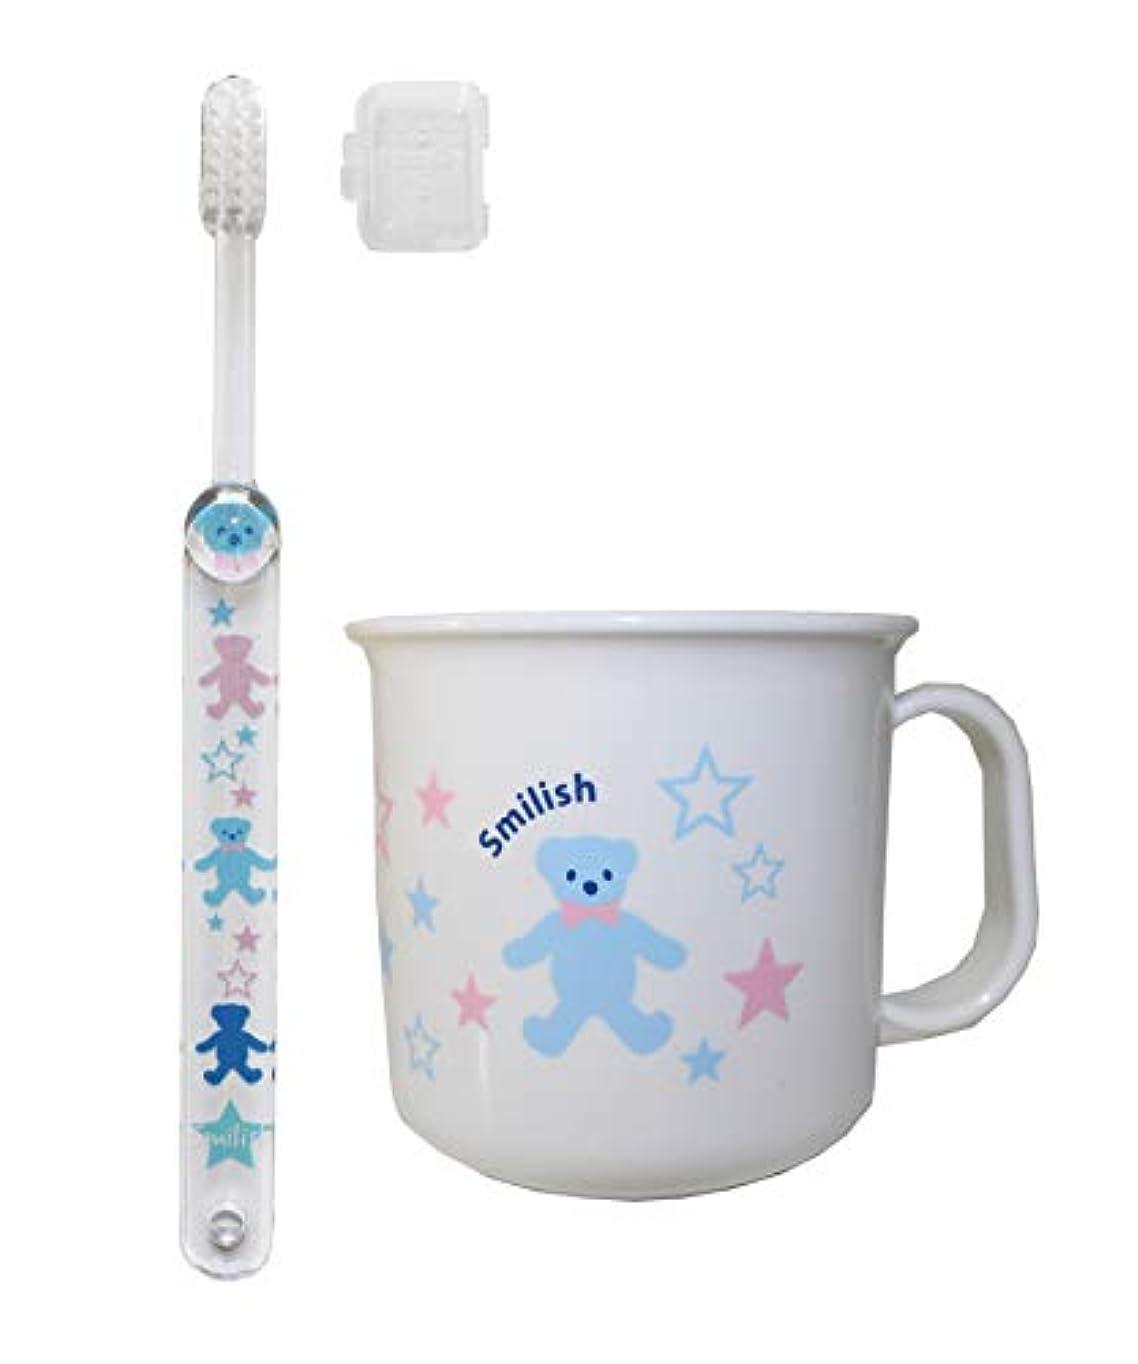 球体はねかけるボット子ども歯ブラシ(キャップ付き) 耐熱コップセット ABCくま柄